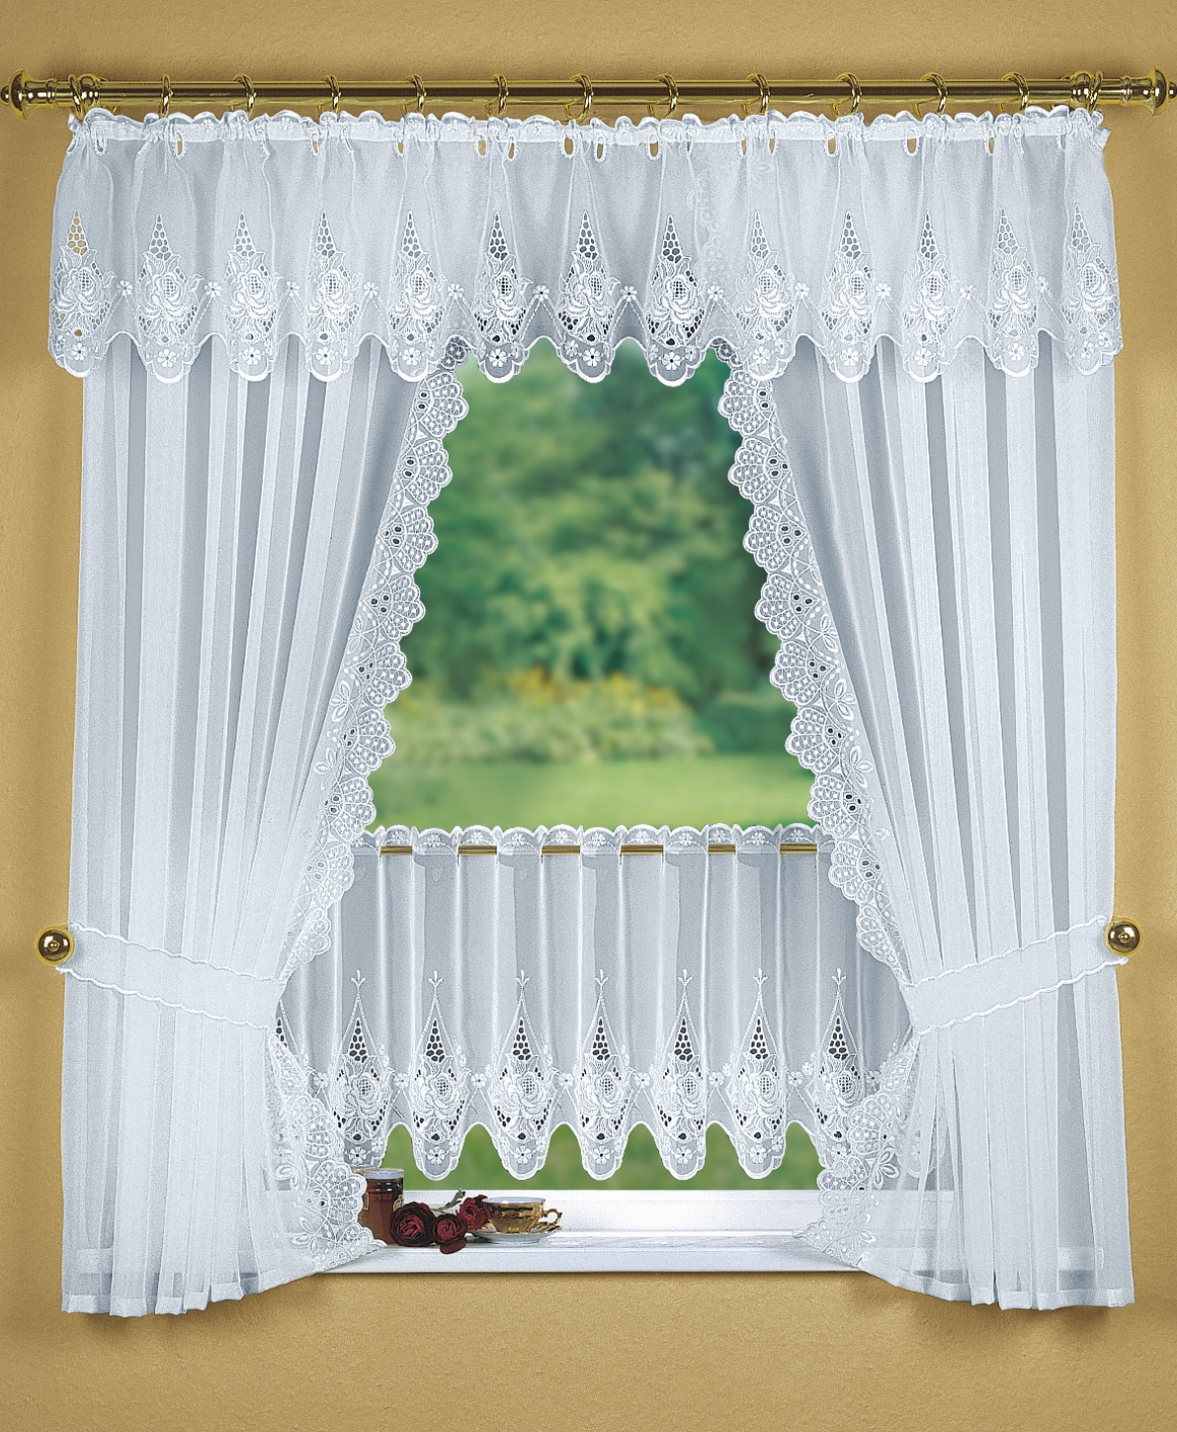 Fensterdekoration in verschiedenen Farben - Gardinen | BADER